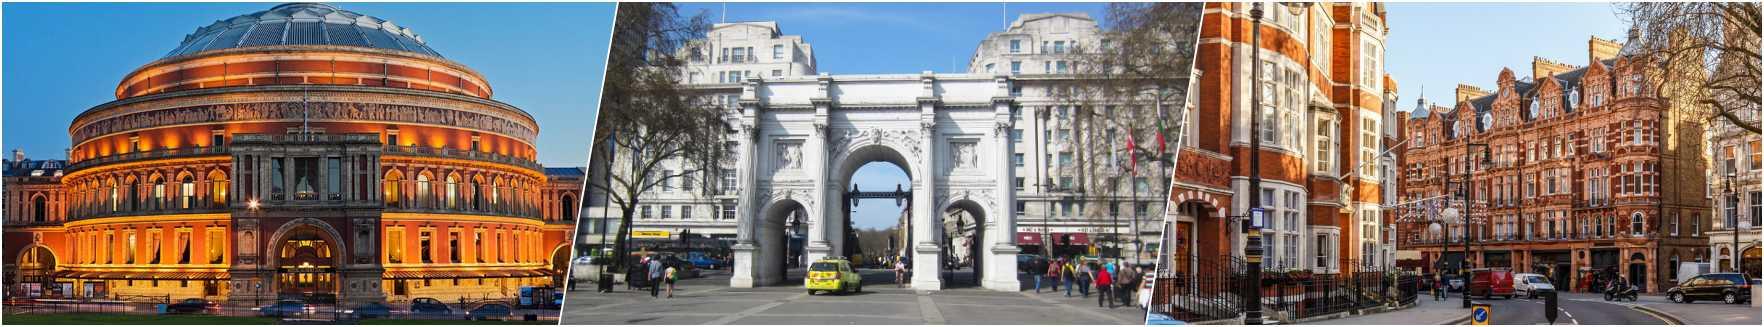 Royal Albert HAll - Marble Arch - Mayfair